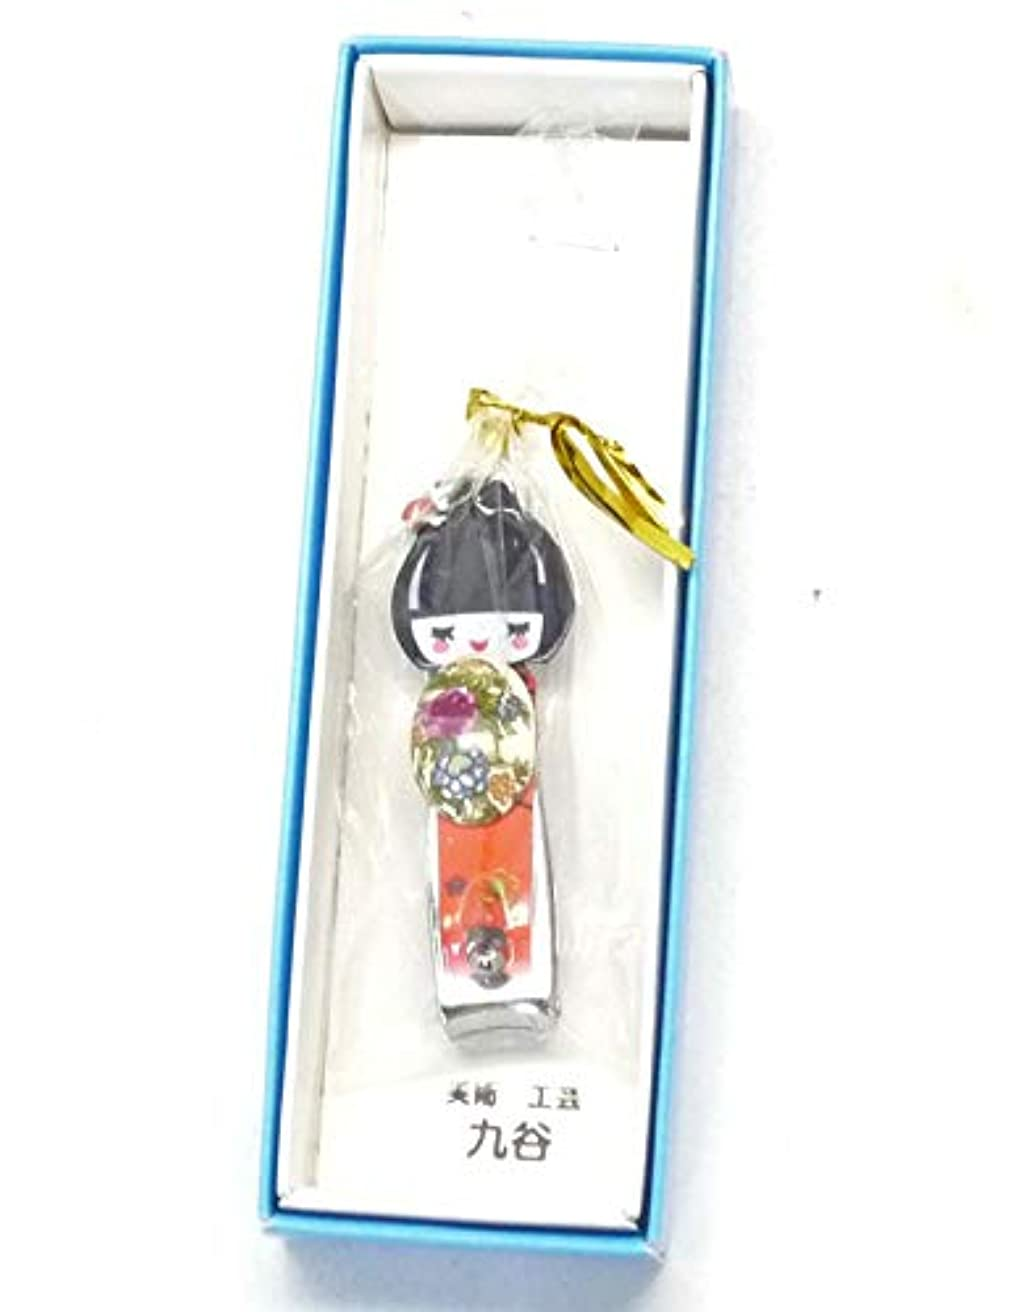 イベントサイバースペースオンス九谷焼『爪切り』お人形 赤系